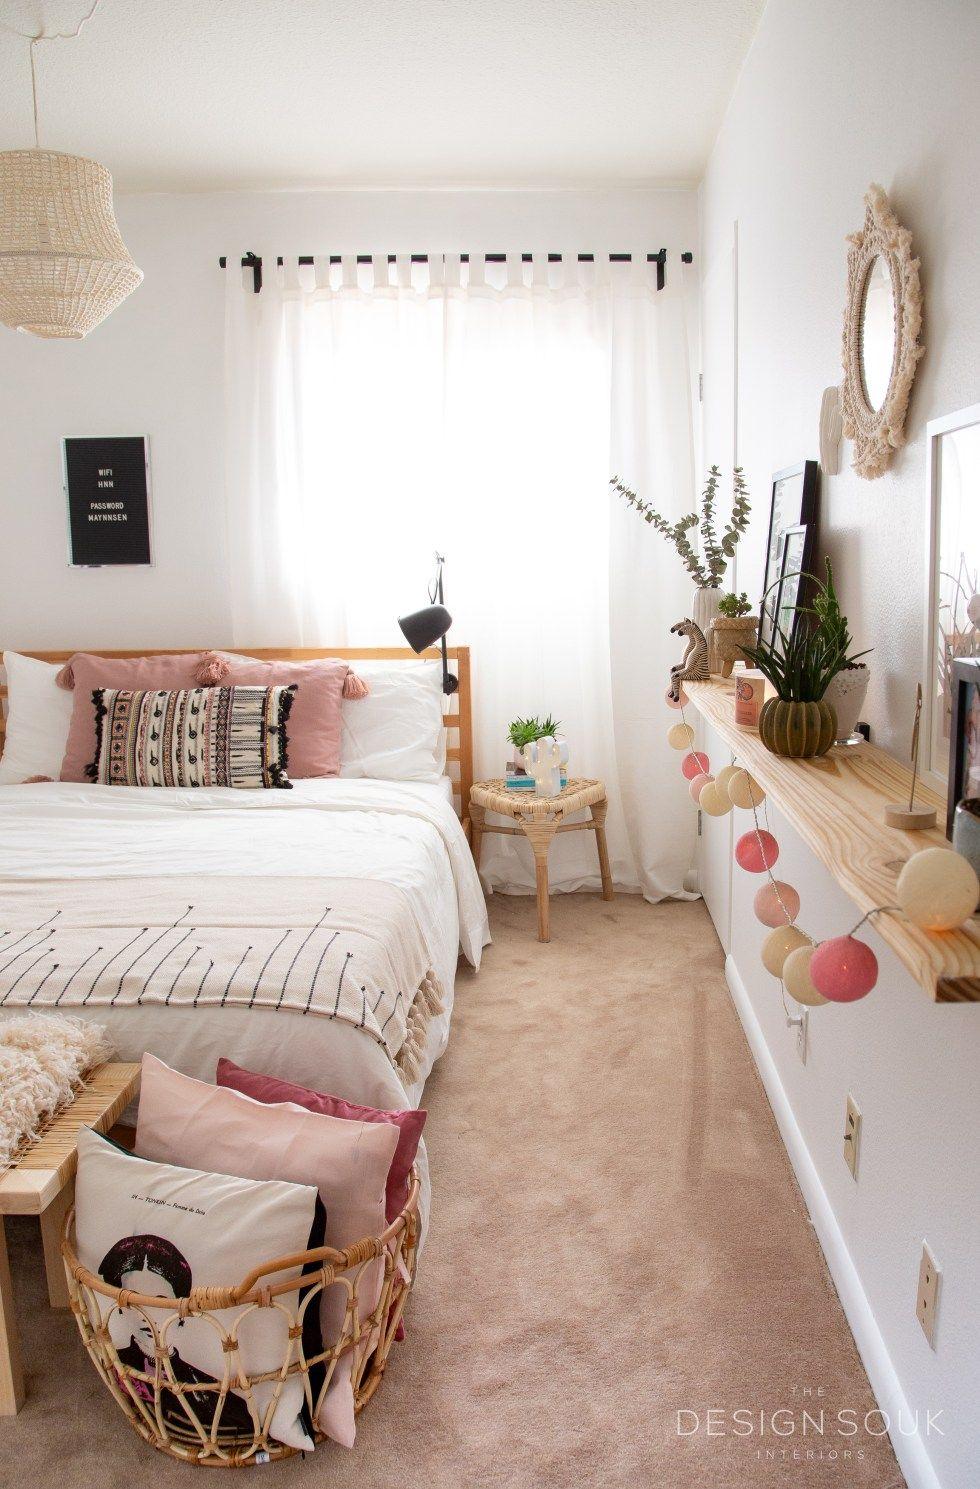 A Guest Bedroom Makeover - The Design Souk  Ikea bedroom design